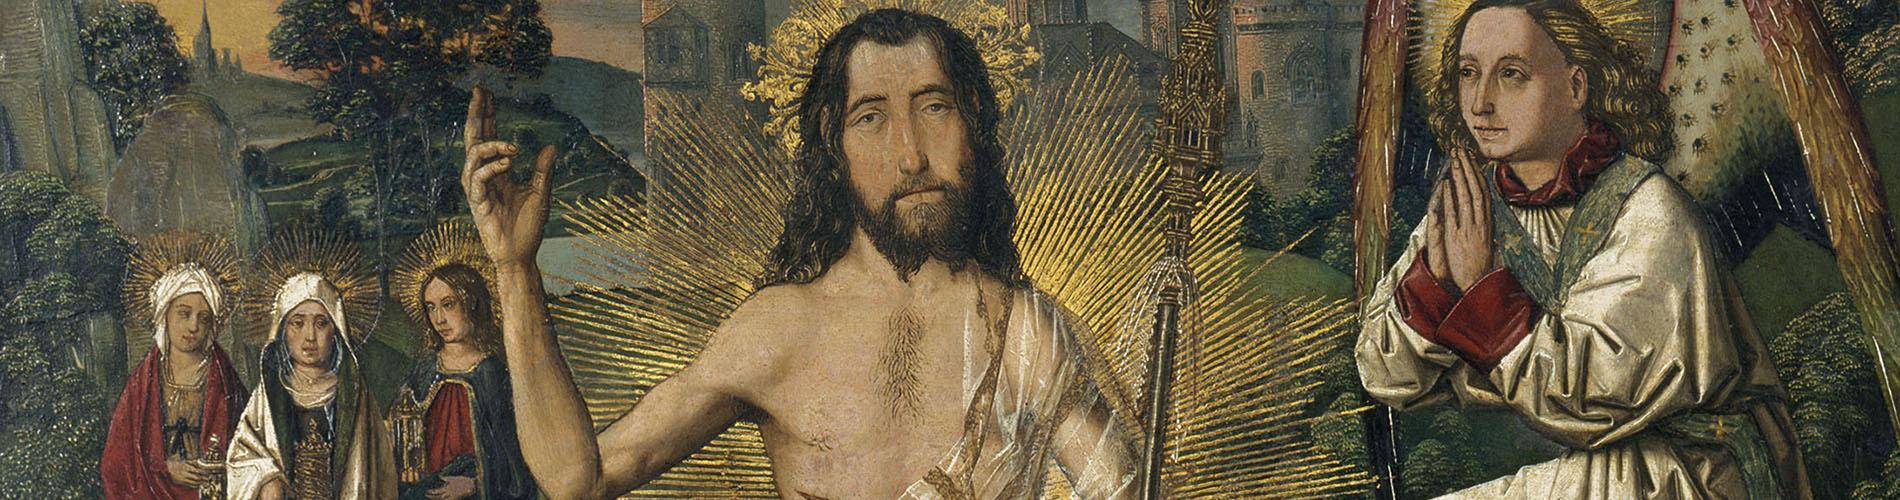 Bartolomé Bermejo, Resurrection, circa 1475